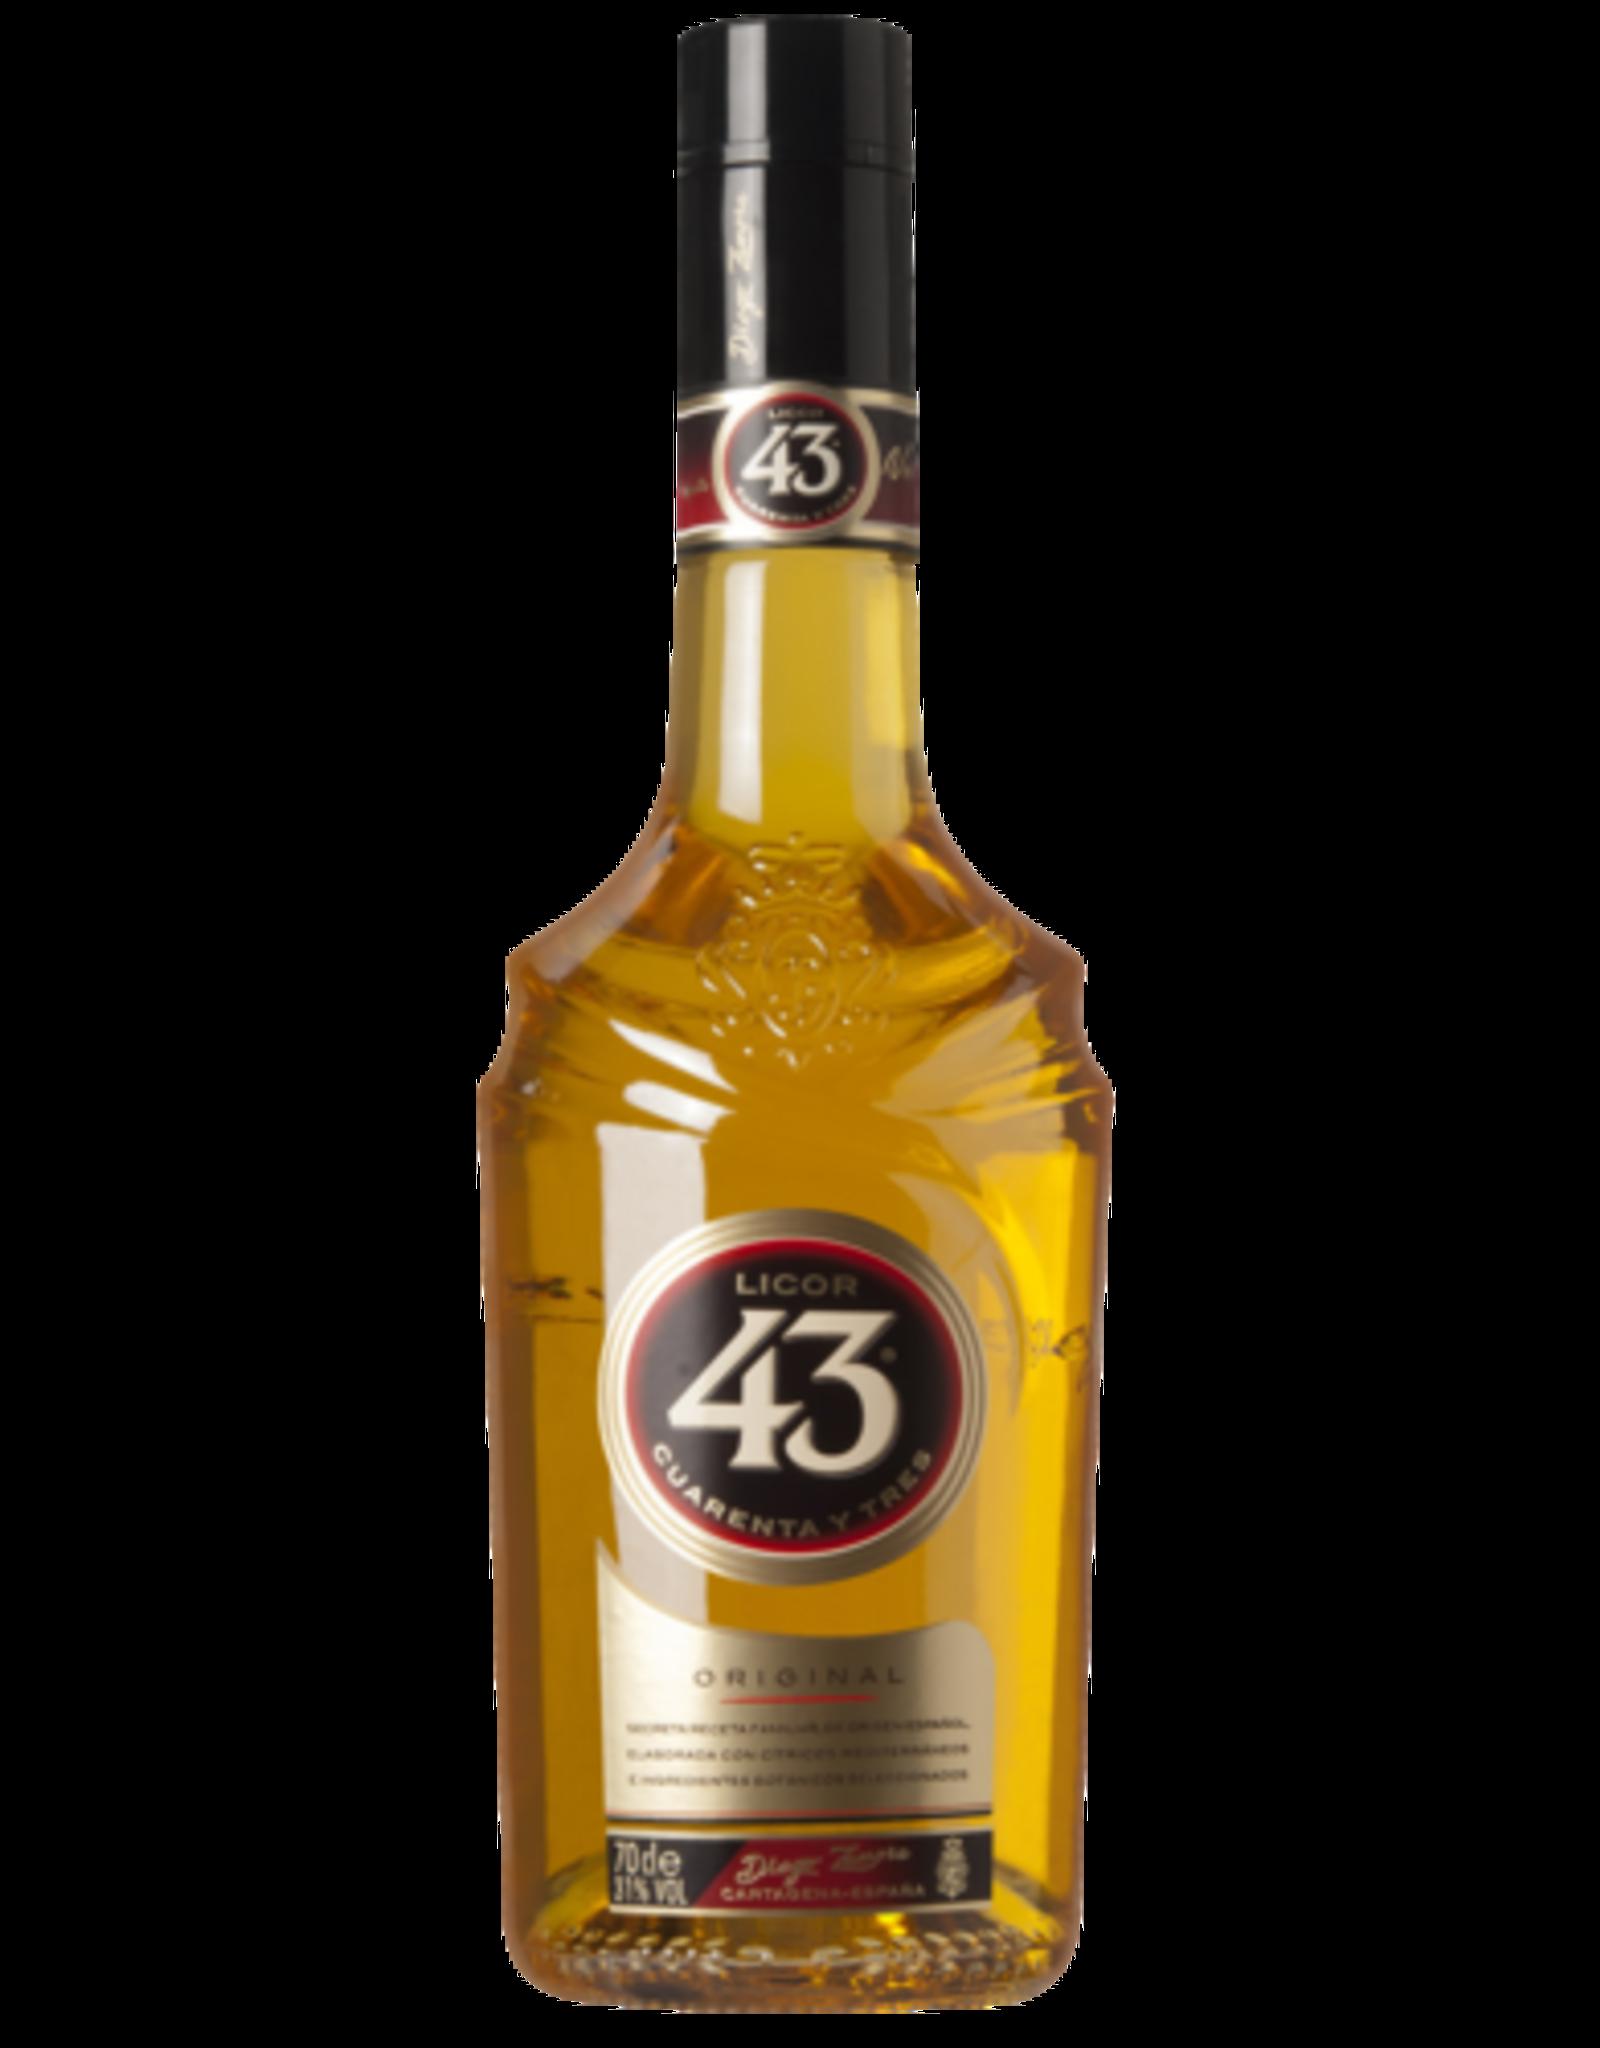 Licor Licor 43 35cl